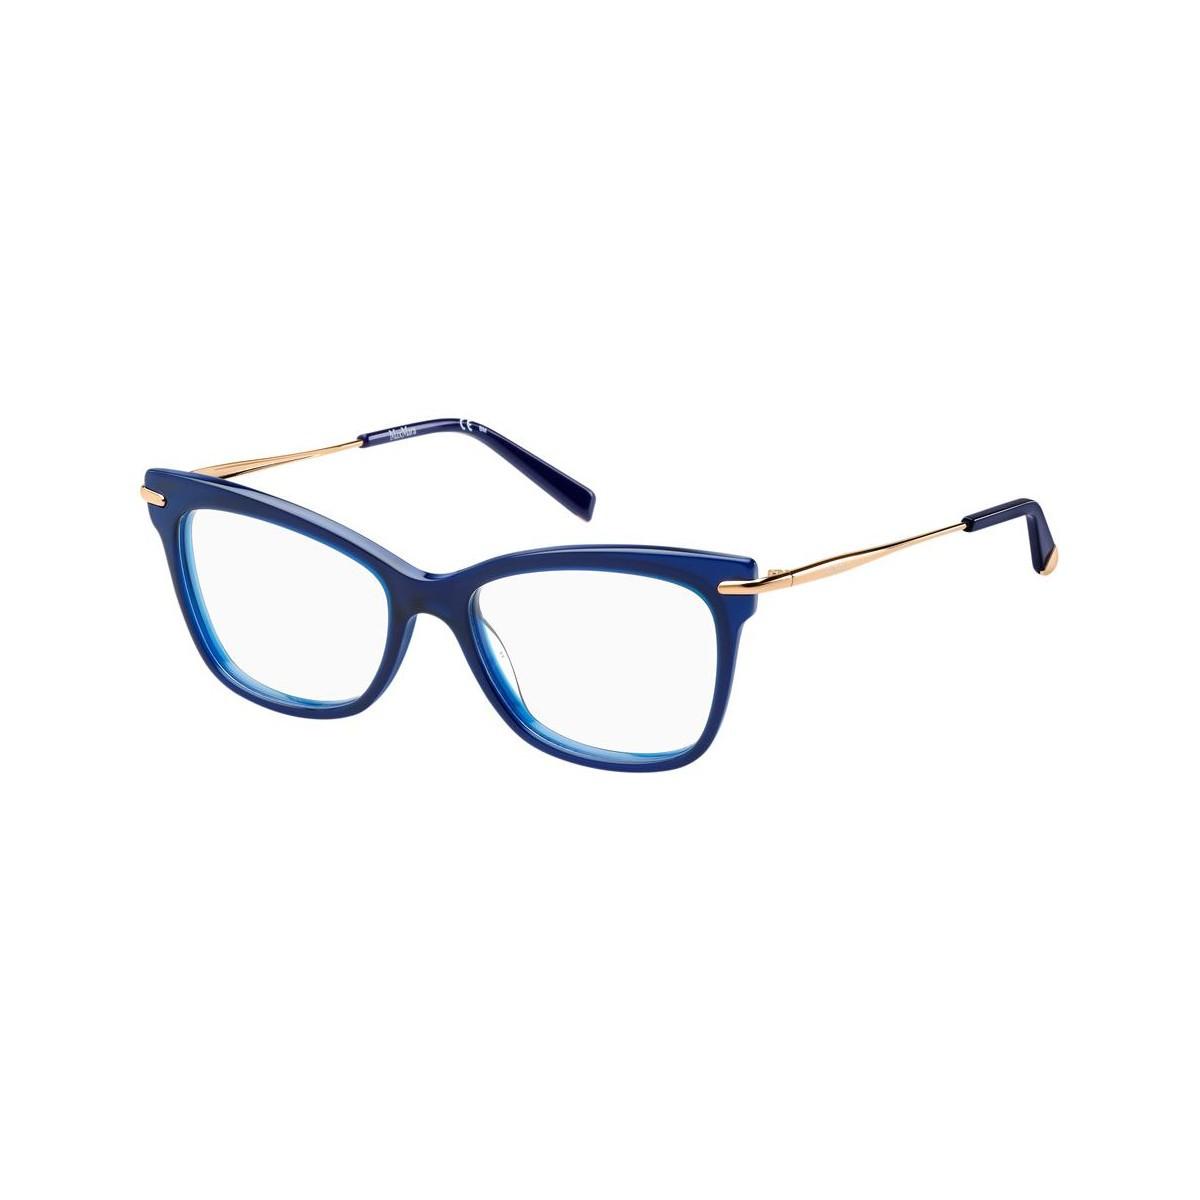 Óculos de Grau Max Mara Azul/Dourado MM1309 - PJP/51